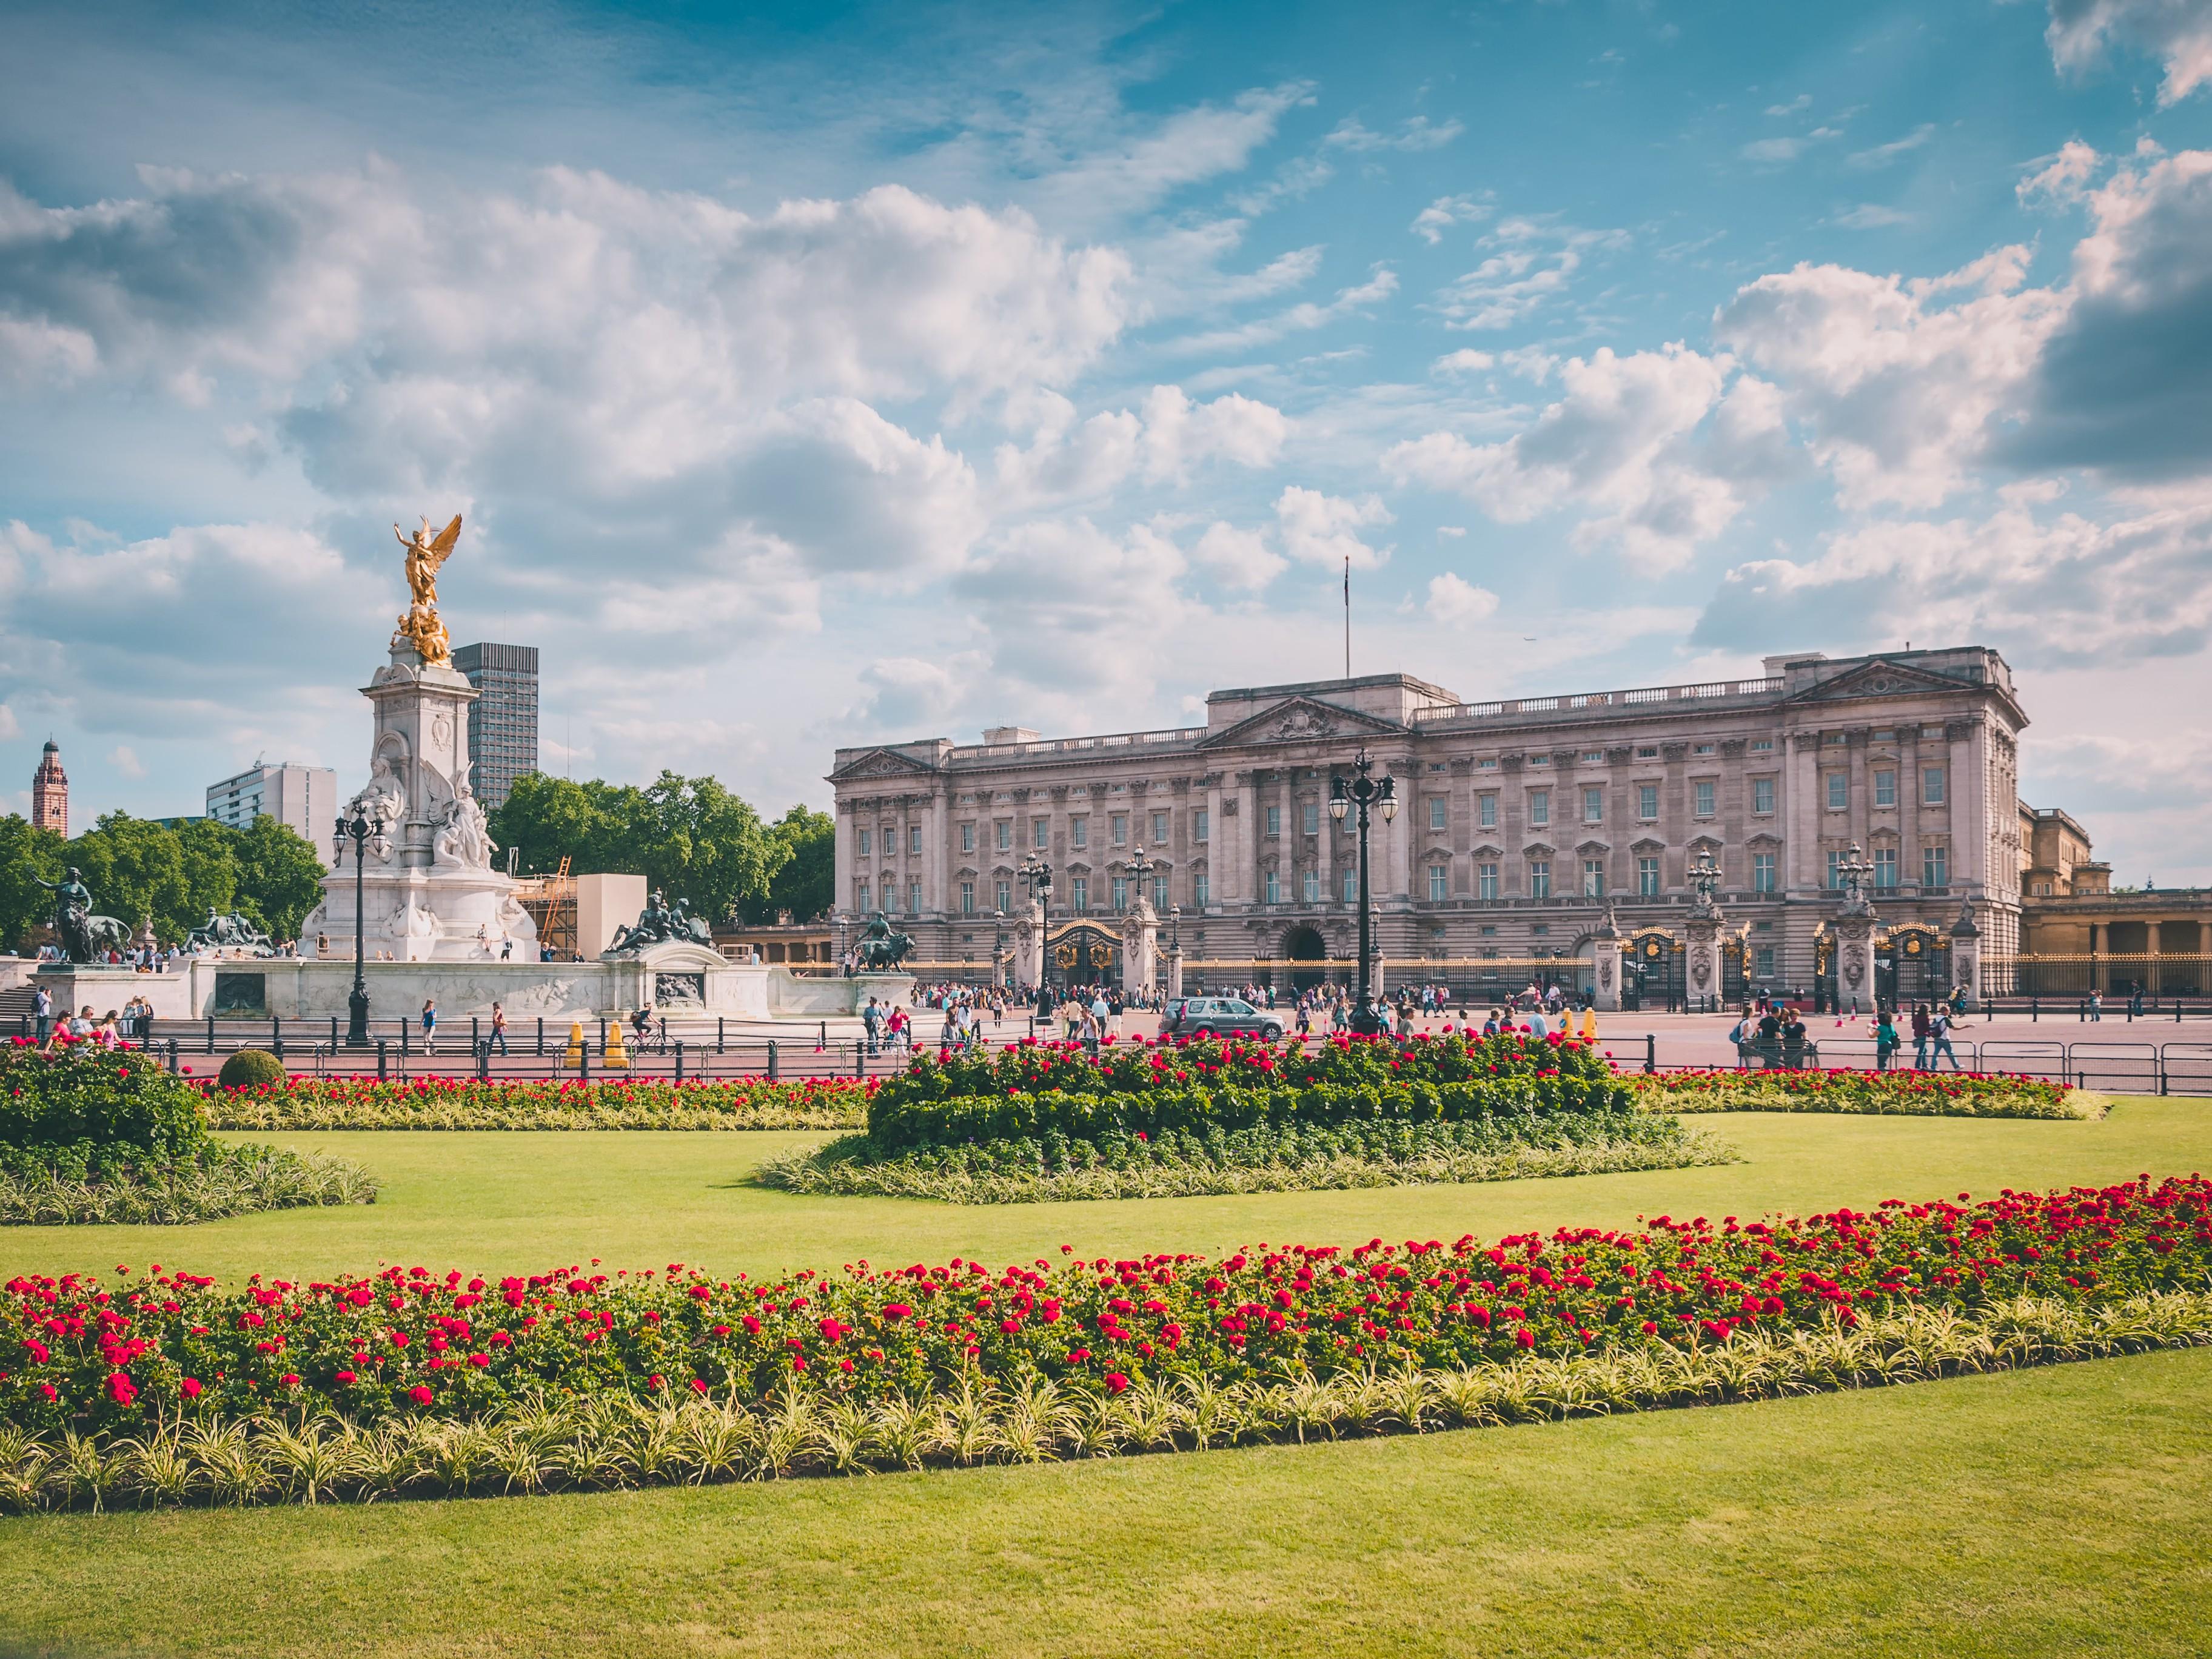 букингемский дворец в лондоне фото днях тимати выпустил